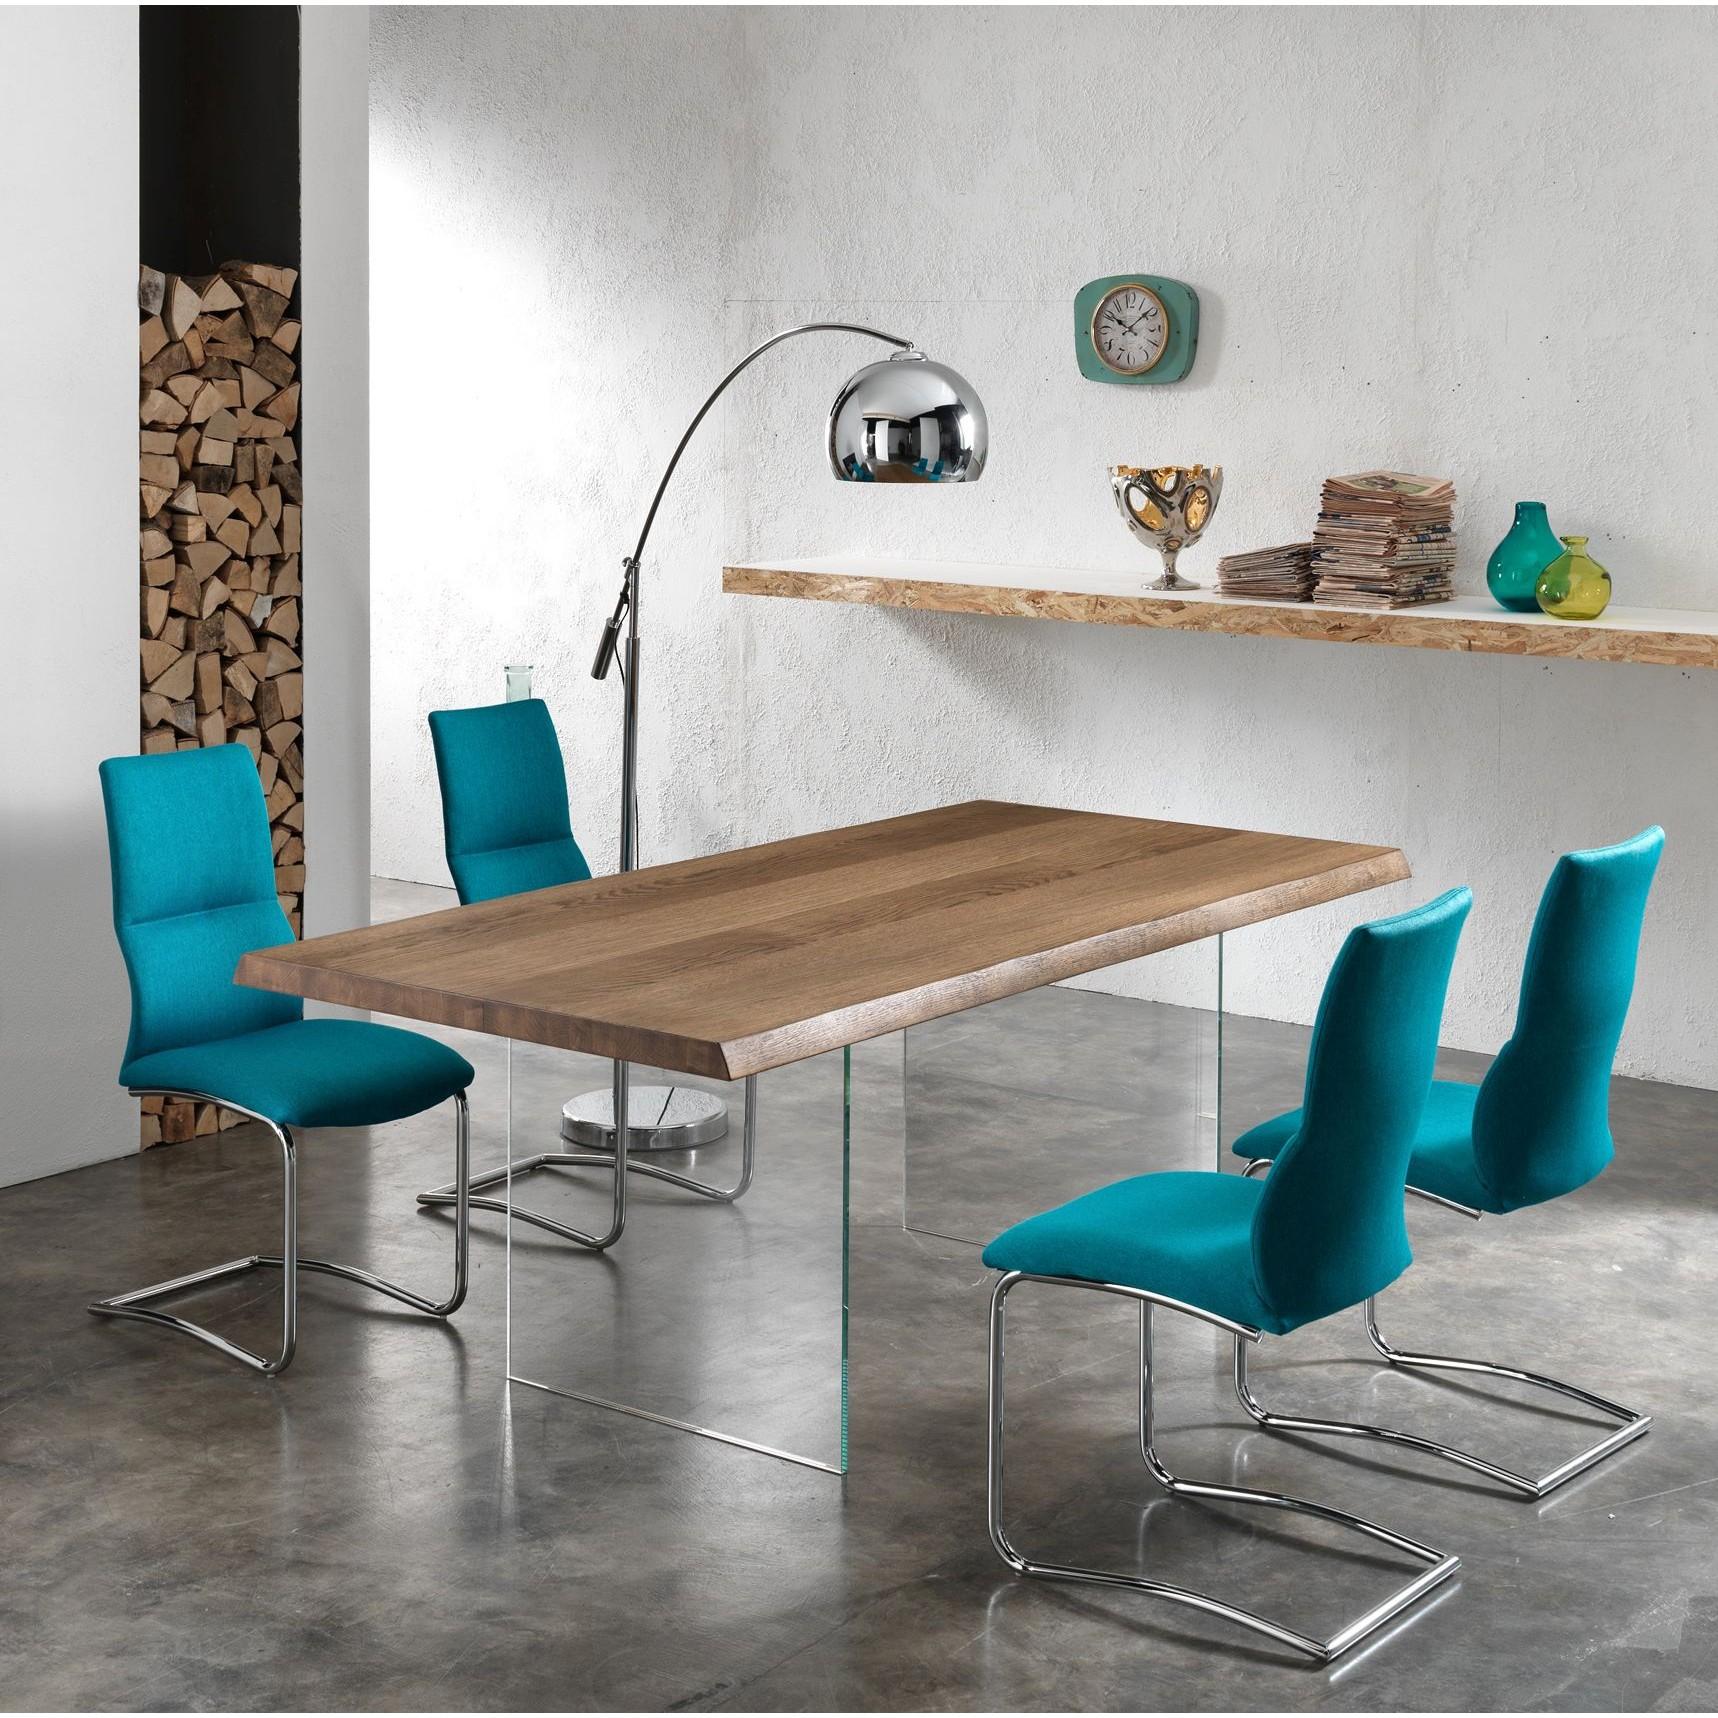 Tavolo snooker lorenzelli arredamenti for Tavoli in vetro e legno